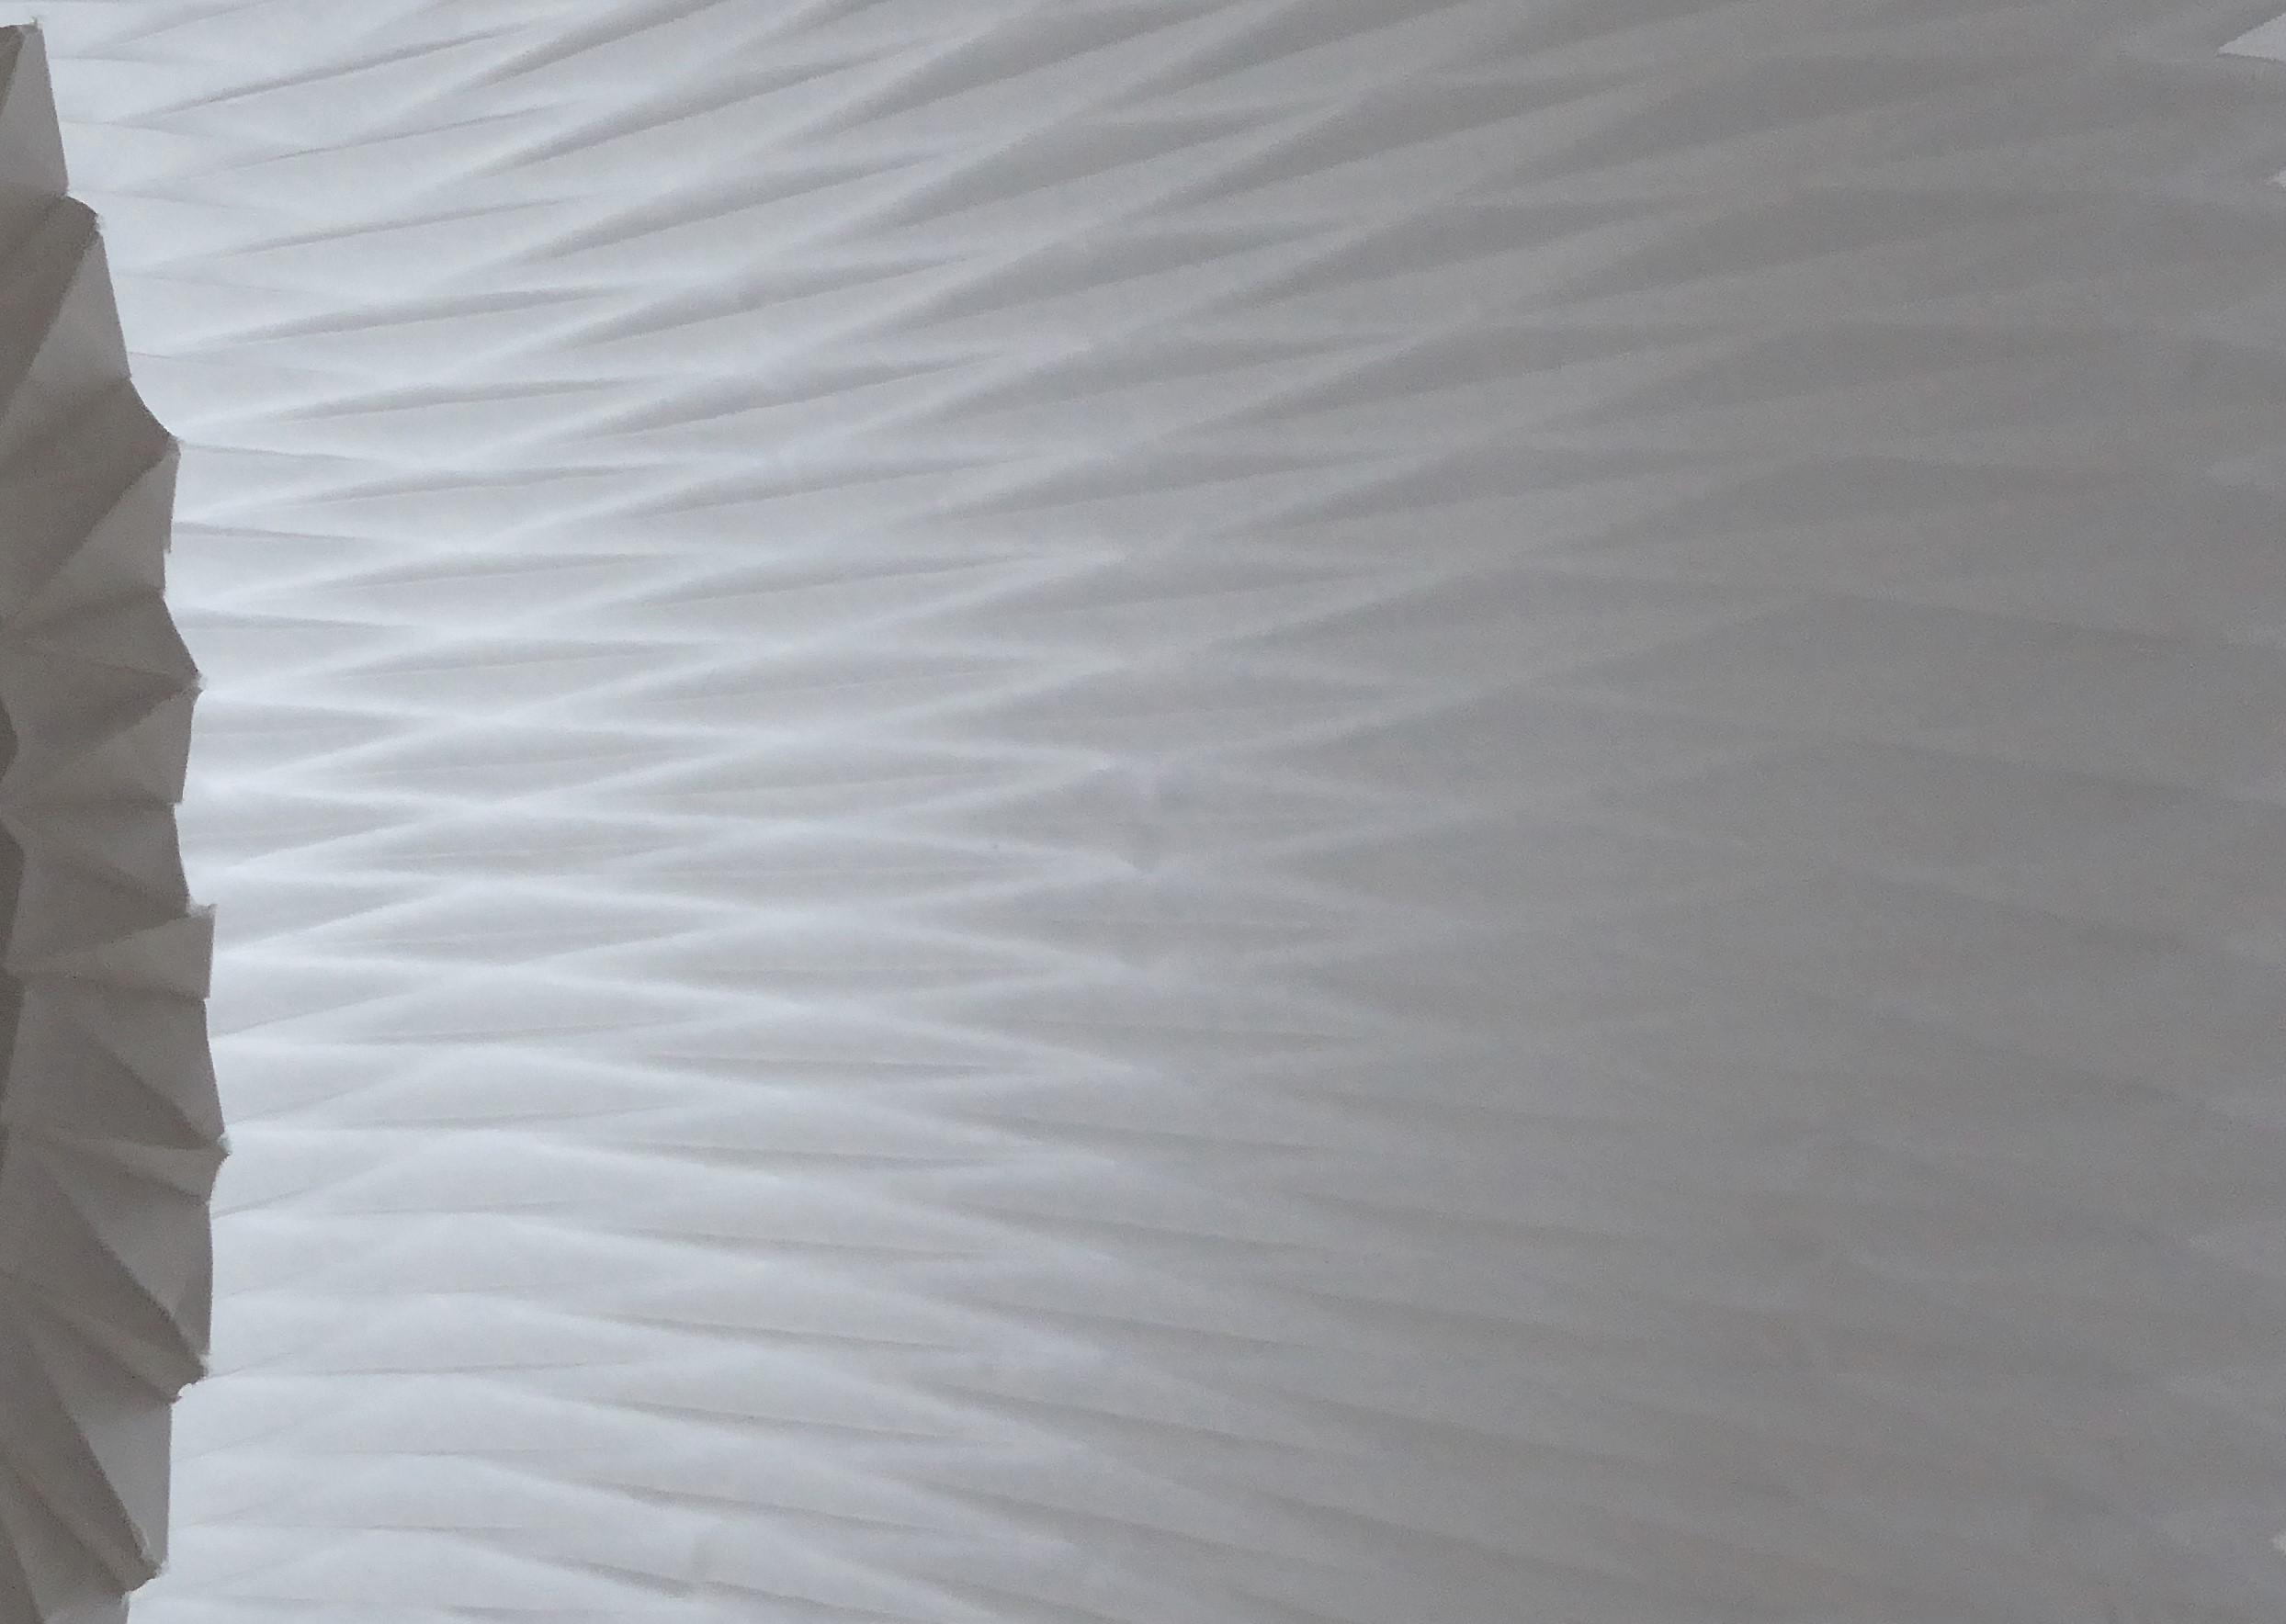 Surface papier, jeu de plissé, peau, technique origami et volume 3D, étude pour Helena Rubinstein, Laure Devenelle